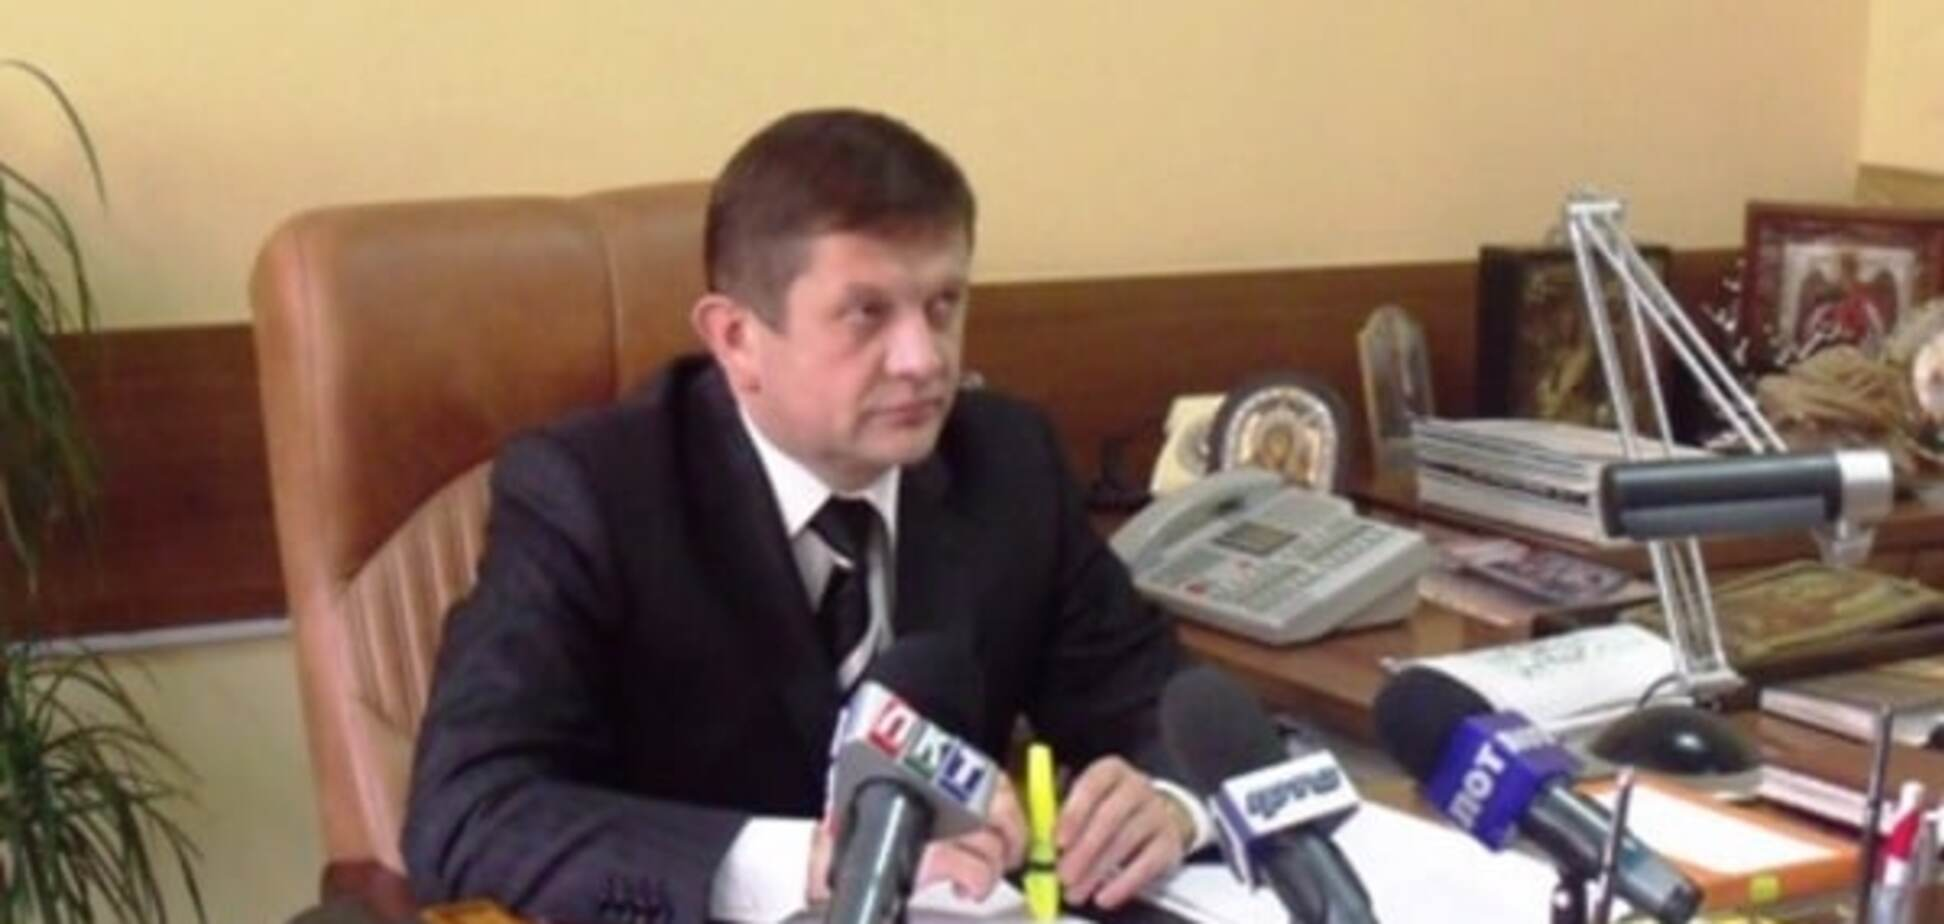 Зв'язків вистачає: волонтер натякнув на слід Гарбуза у скандалі з 'ЛНРівцем' Малюком